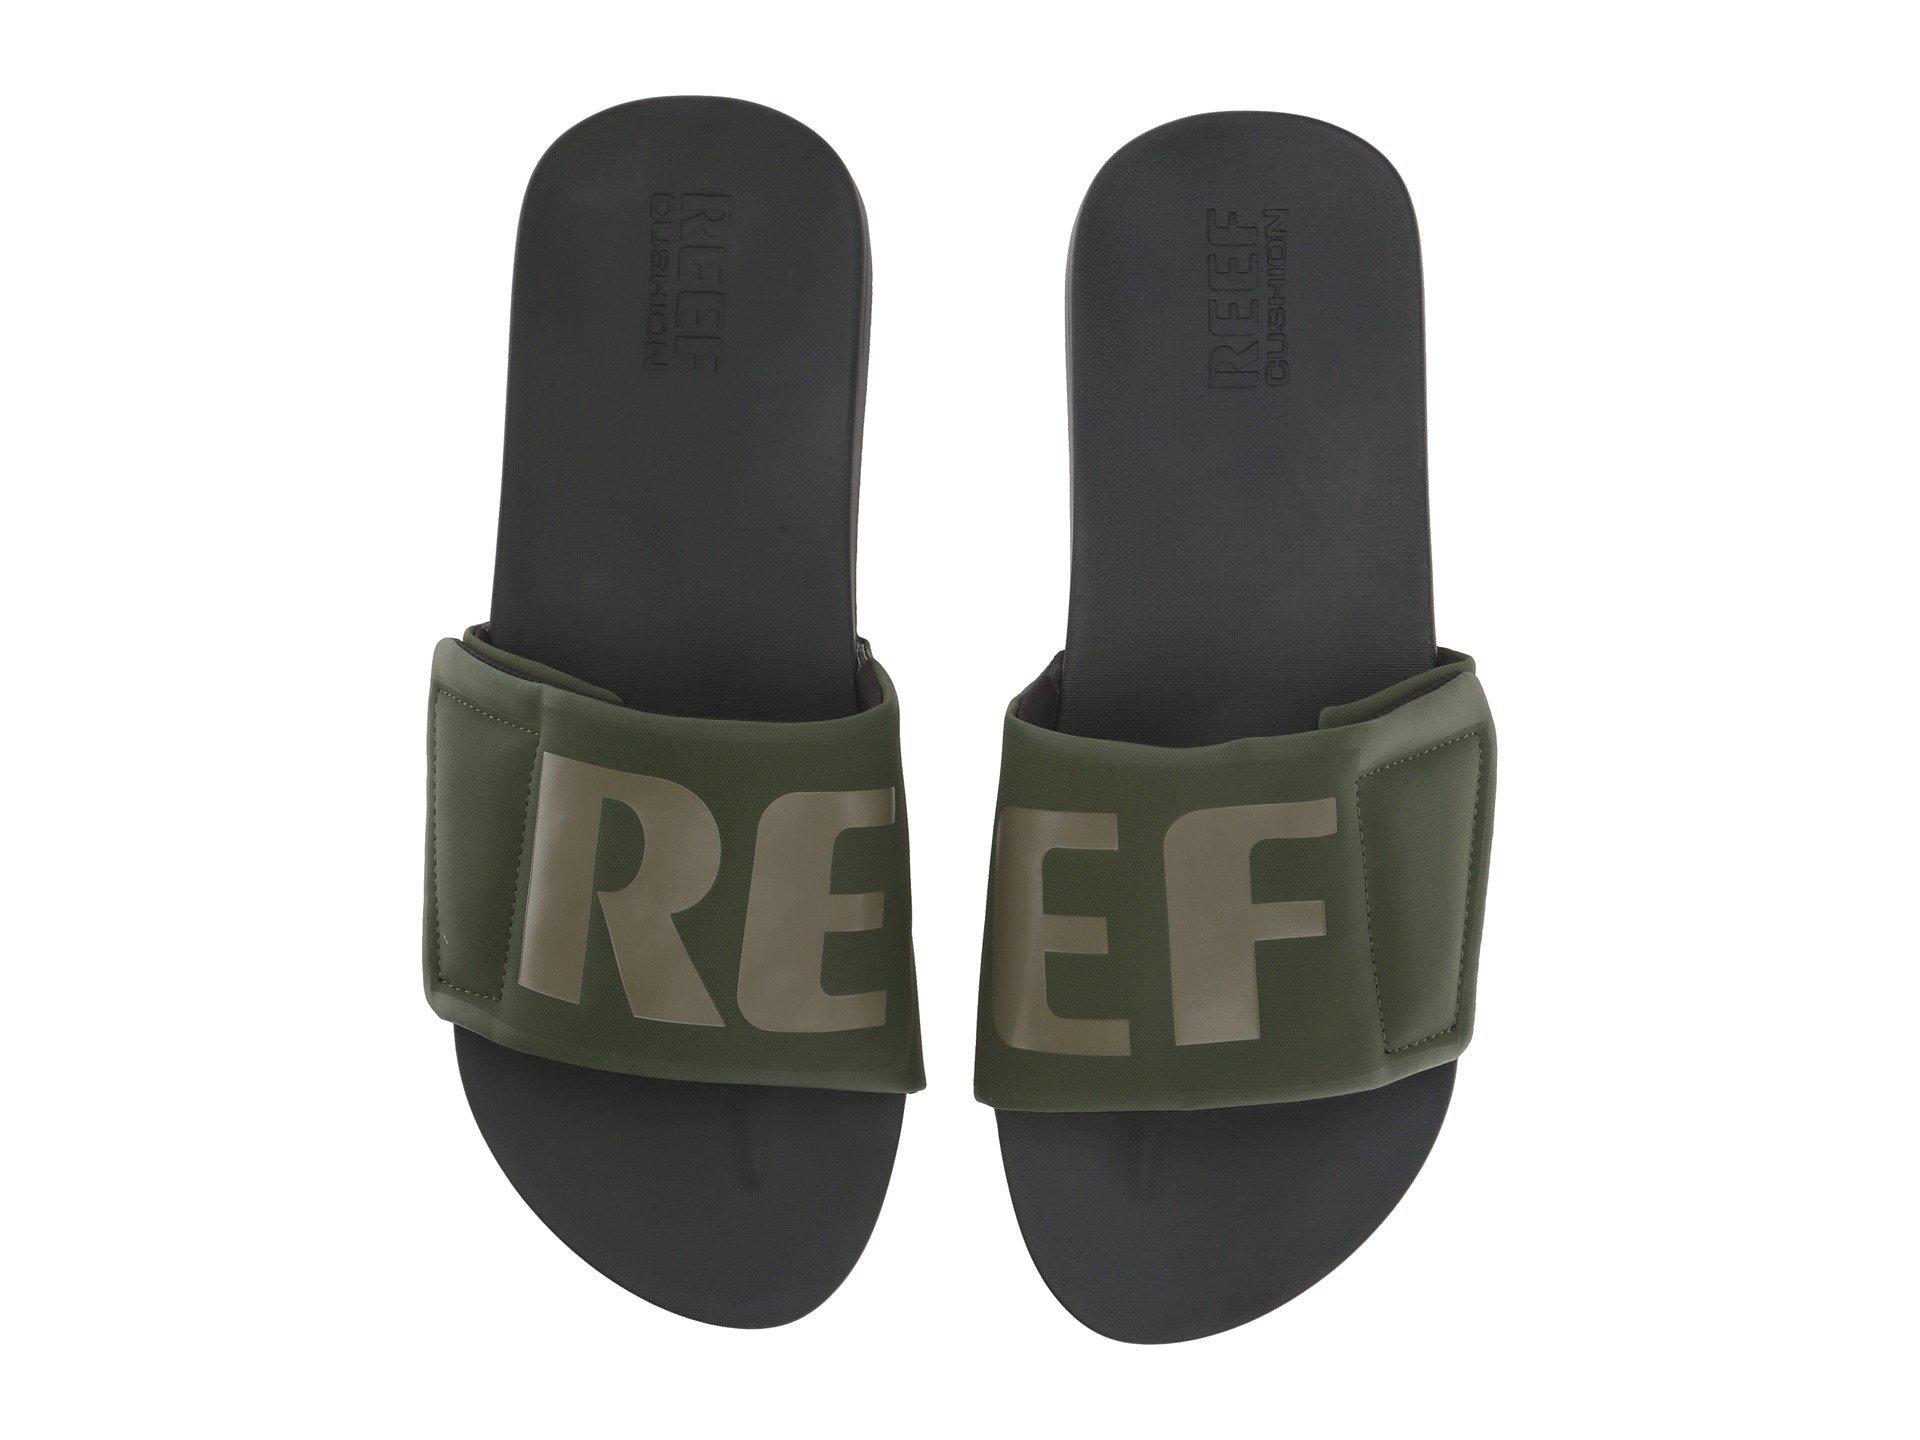 7449f3c9d941 Lyst - Reef Cushion Bounce Slide (black white logo) Men s Sandals in ...